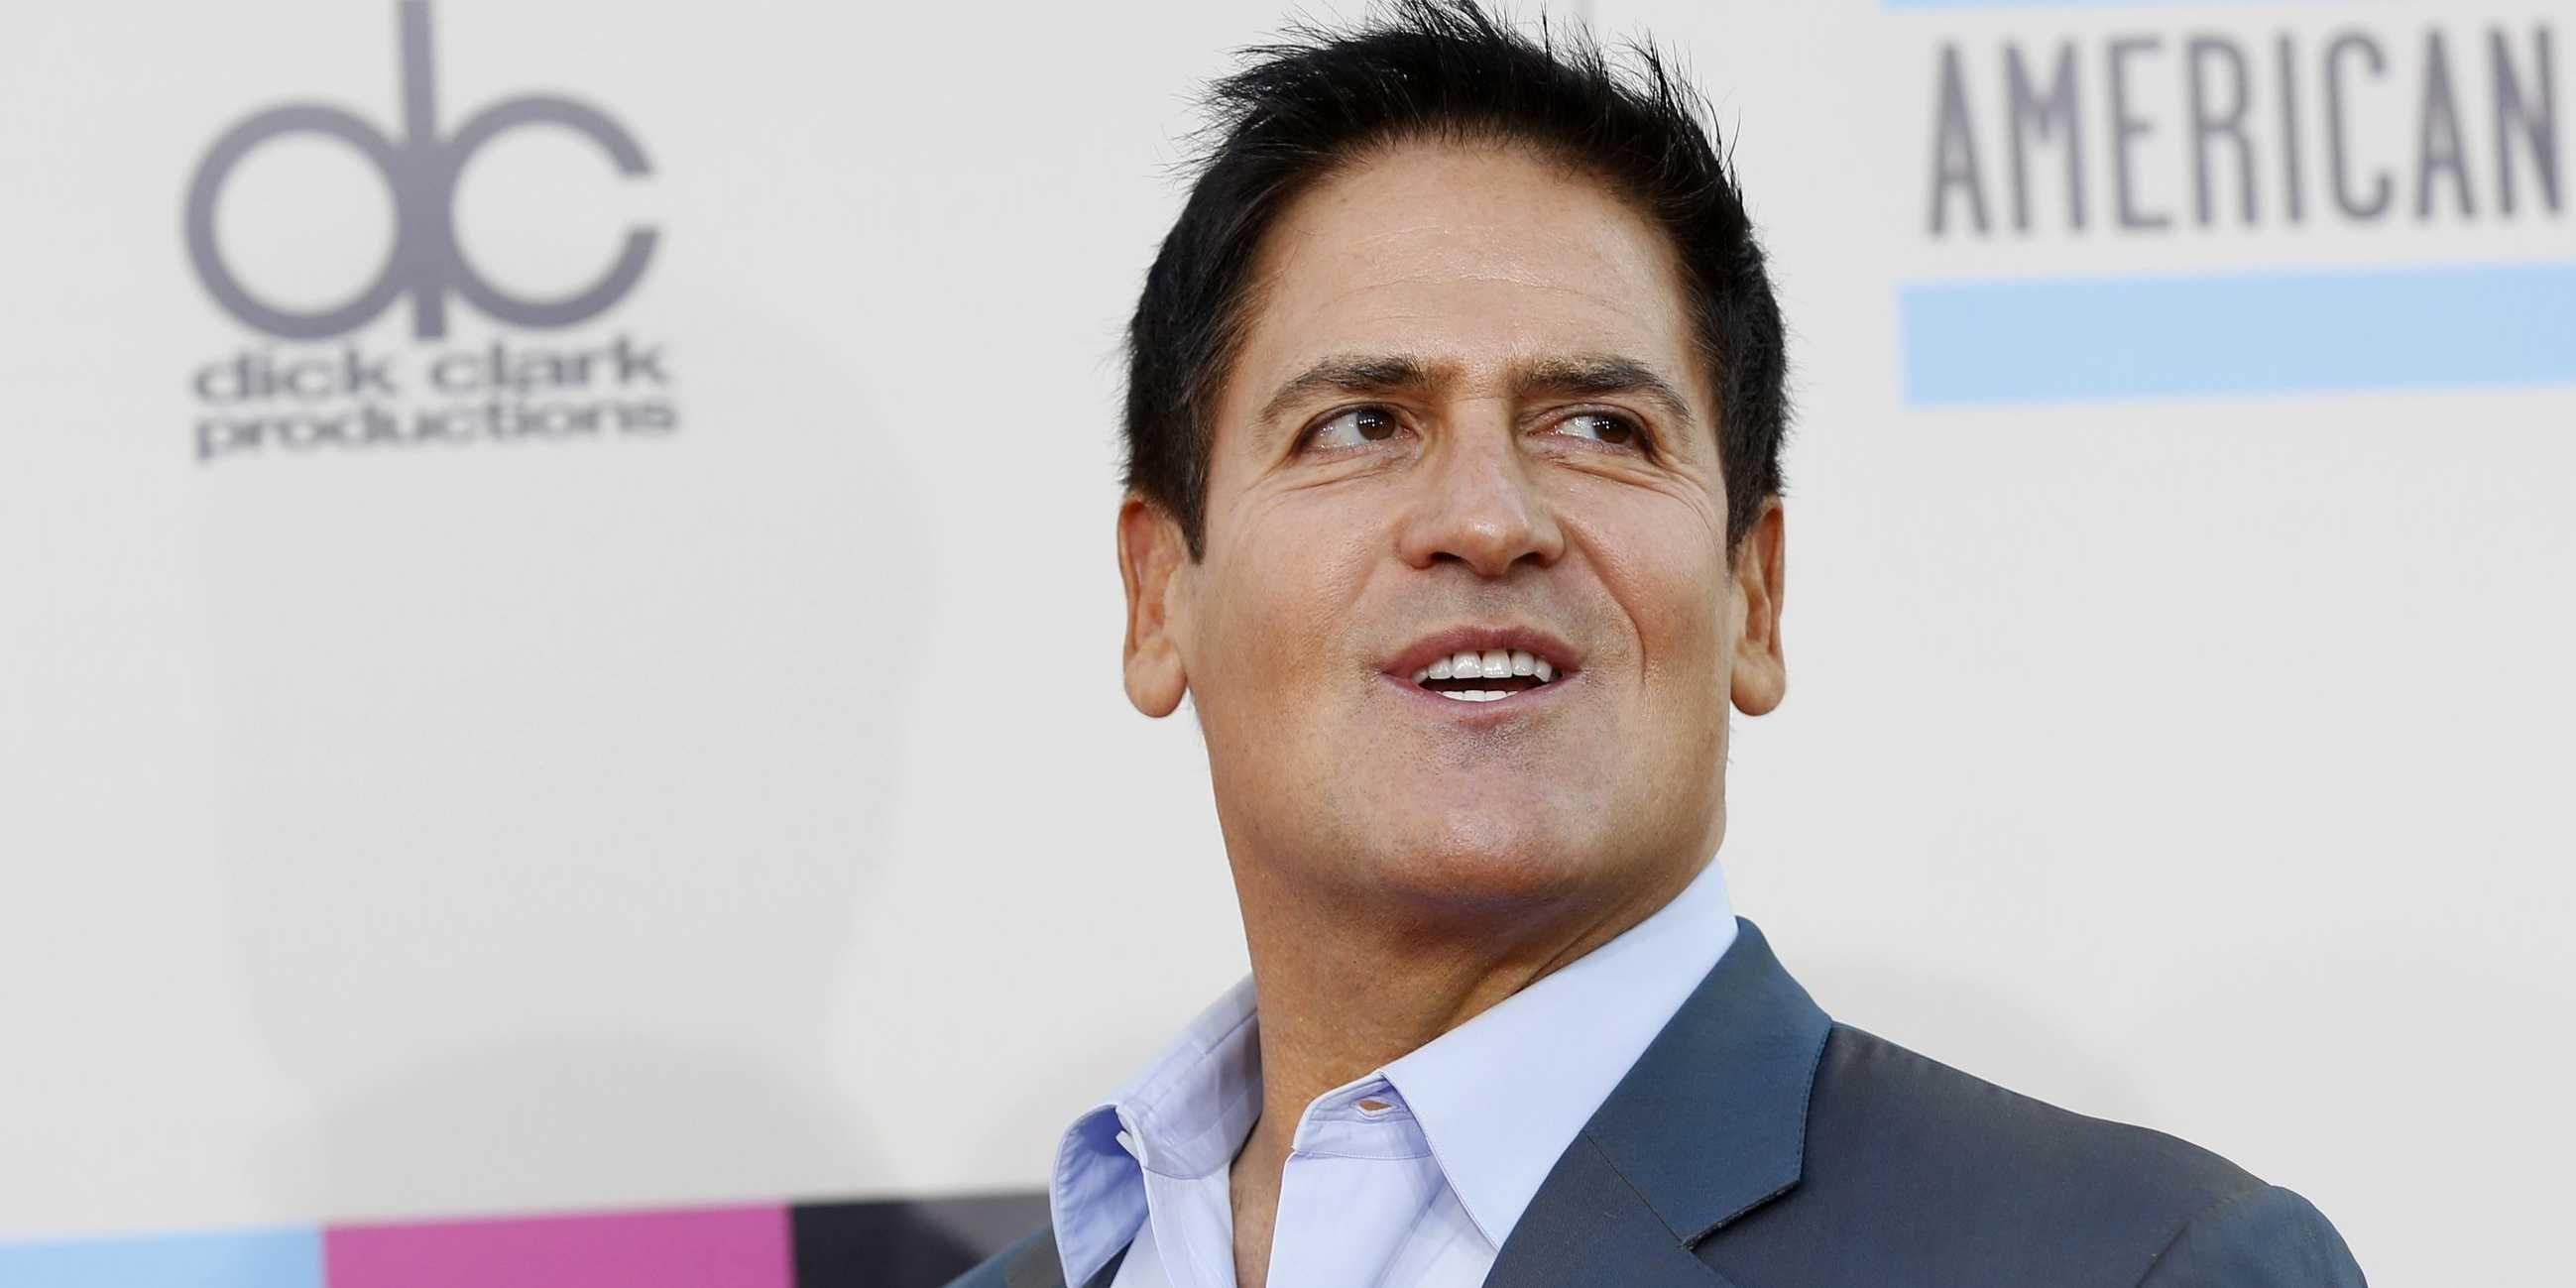 Mark Cuban Negotiated A New 'Shark Tank' Deal With Sony